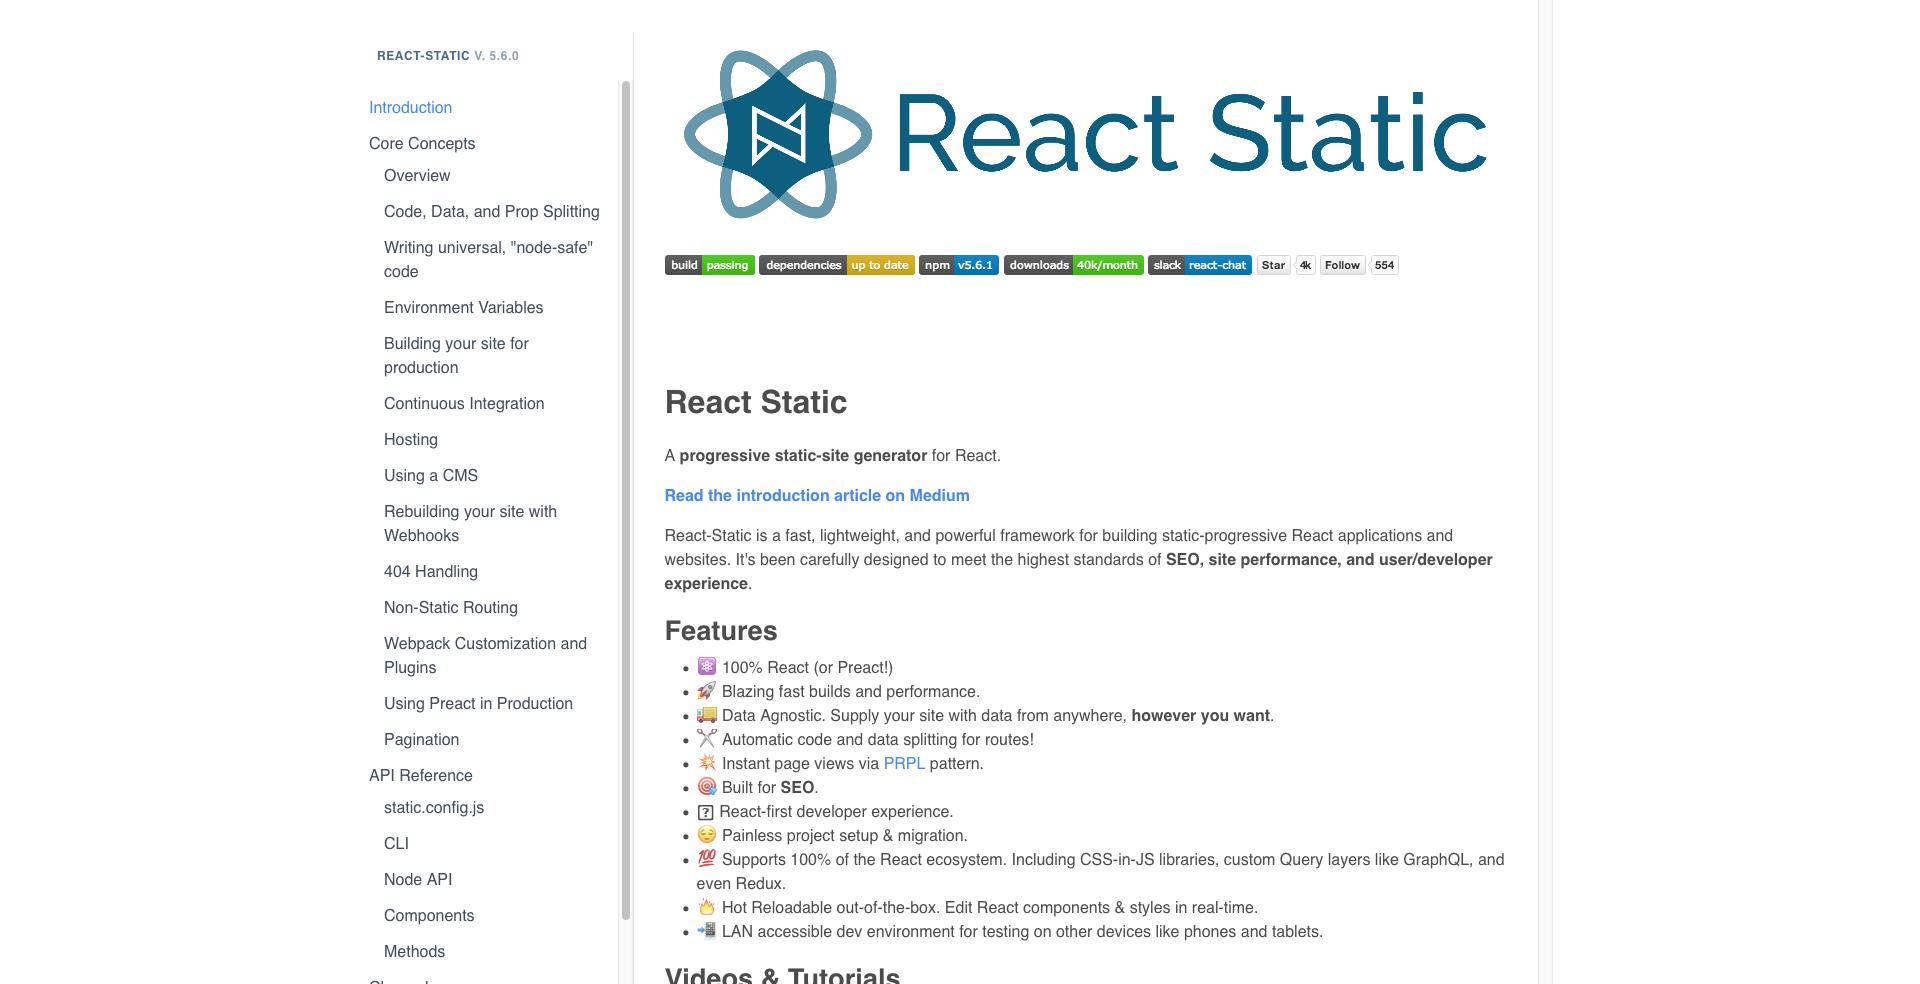 React Static